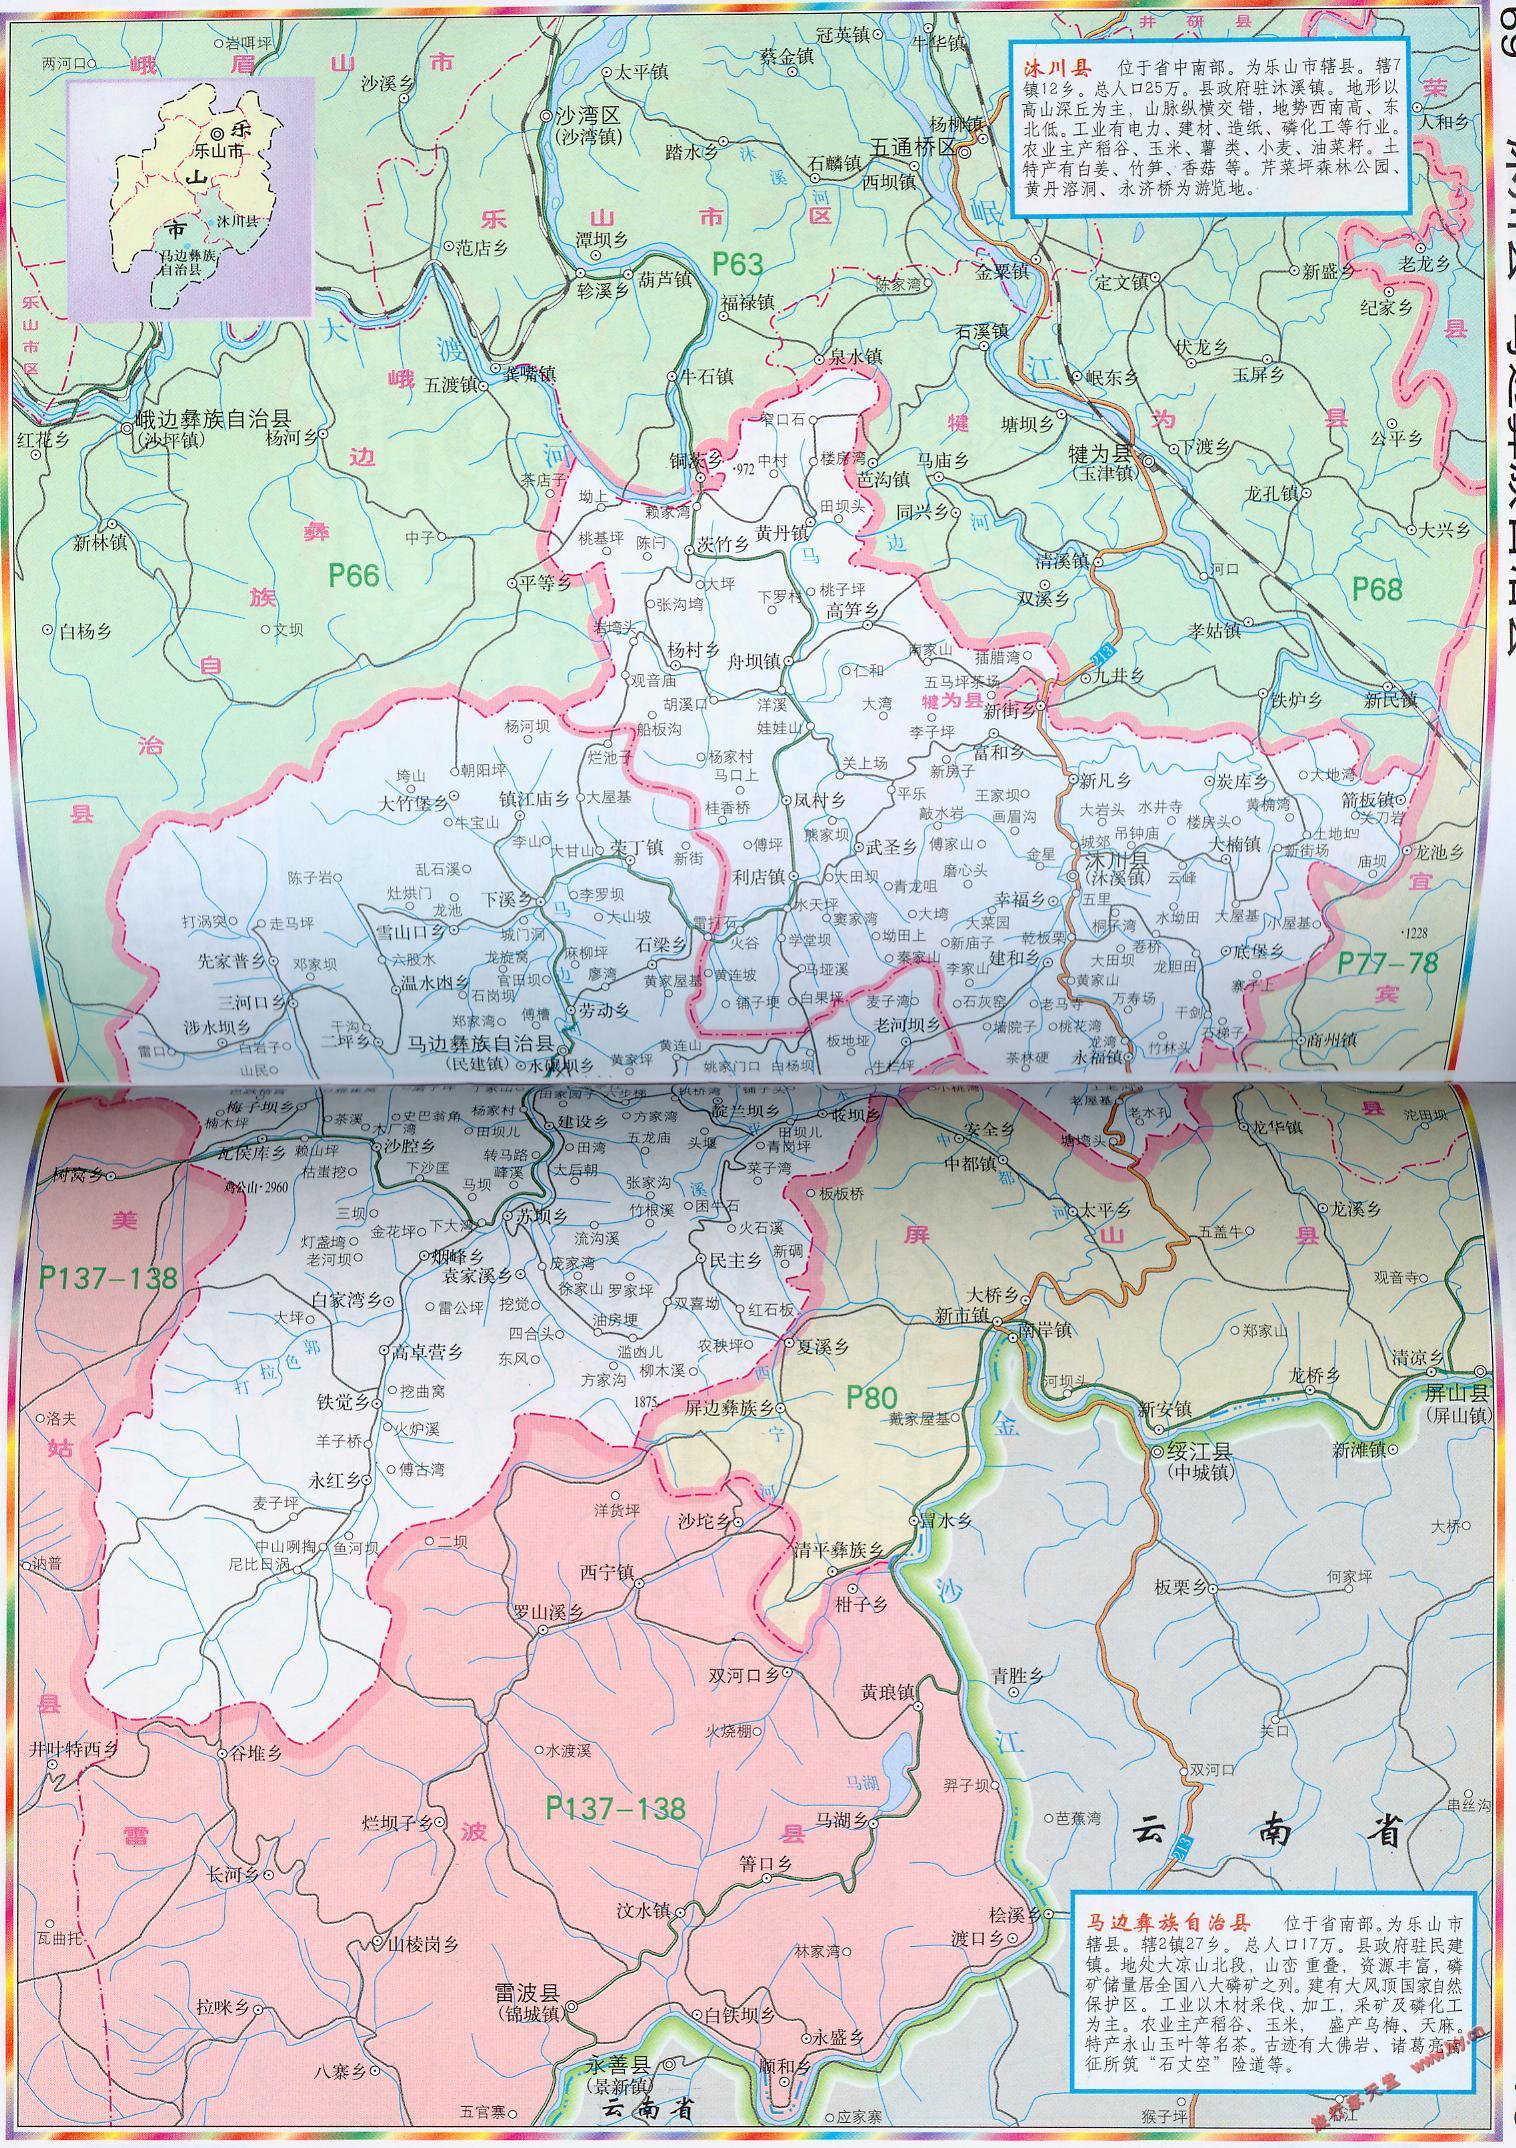 马边彝族自治县地图图片